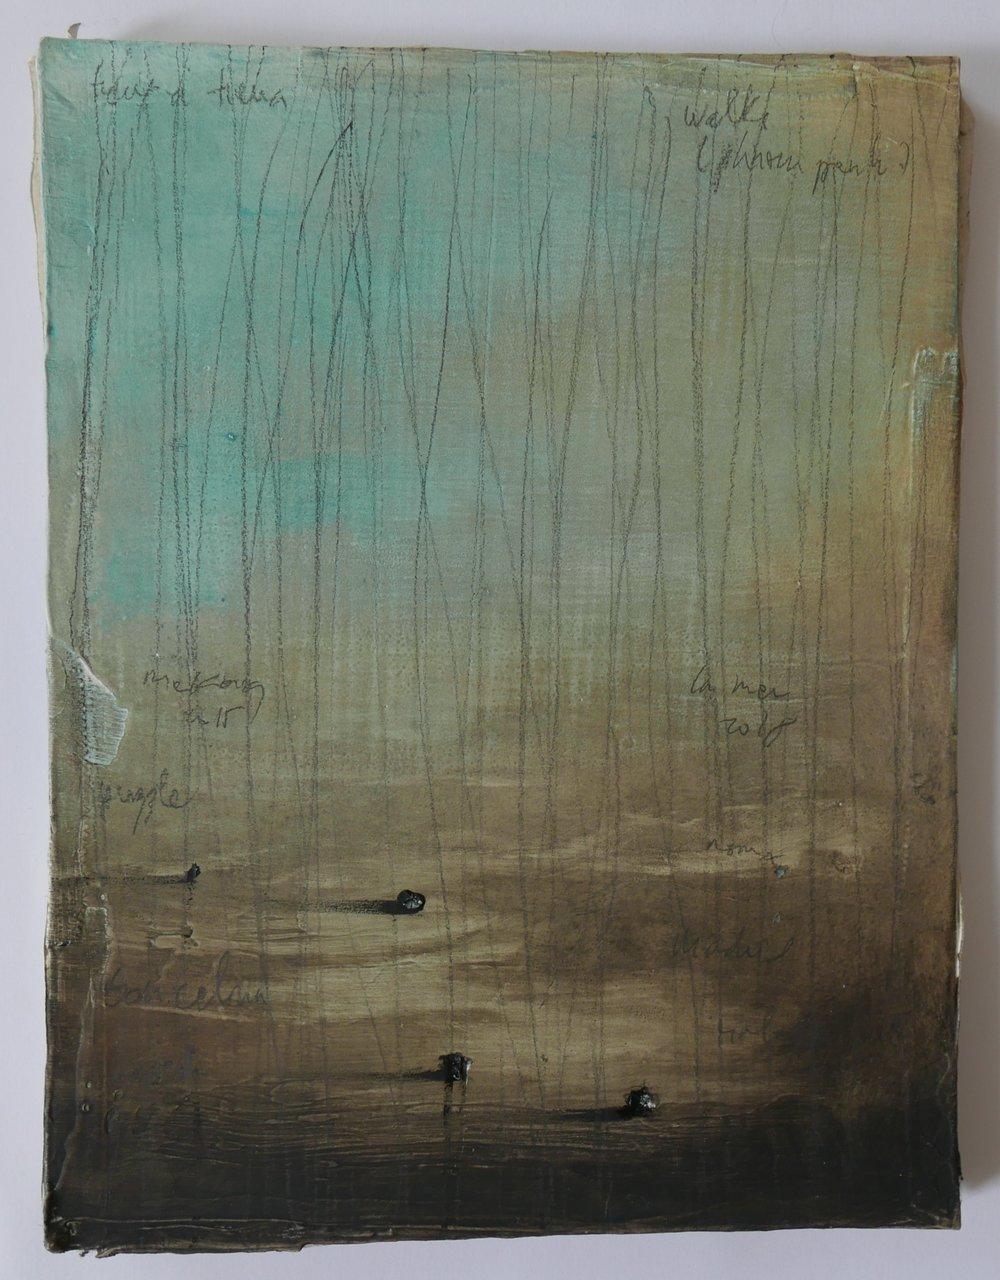 """Jean-Christophe Norman,""""Walks (cardboard)"""", techniques mixtes sur carton, 2018."""